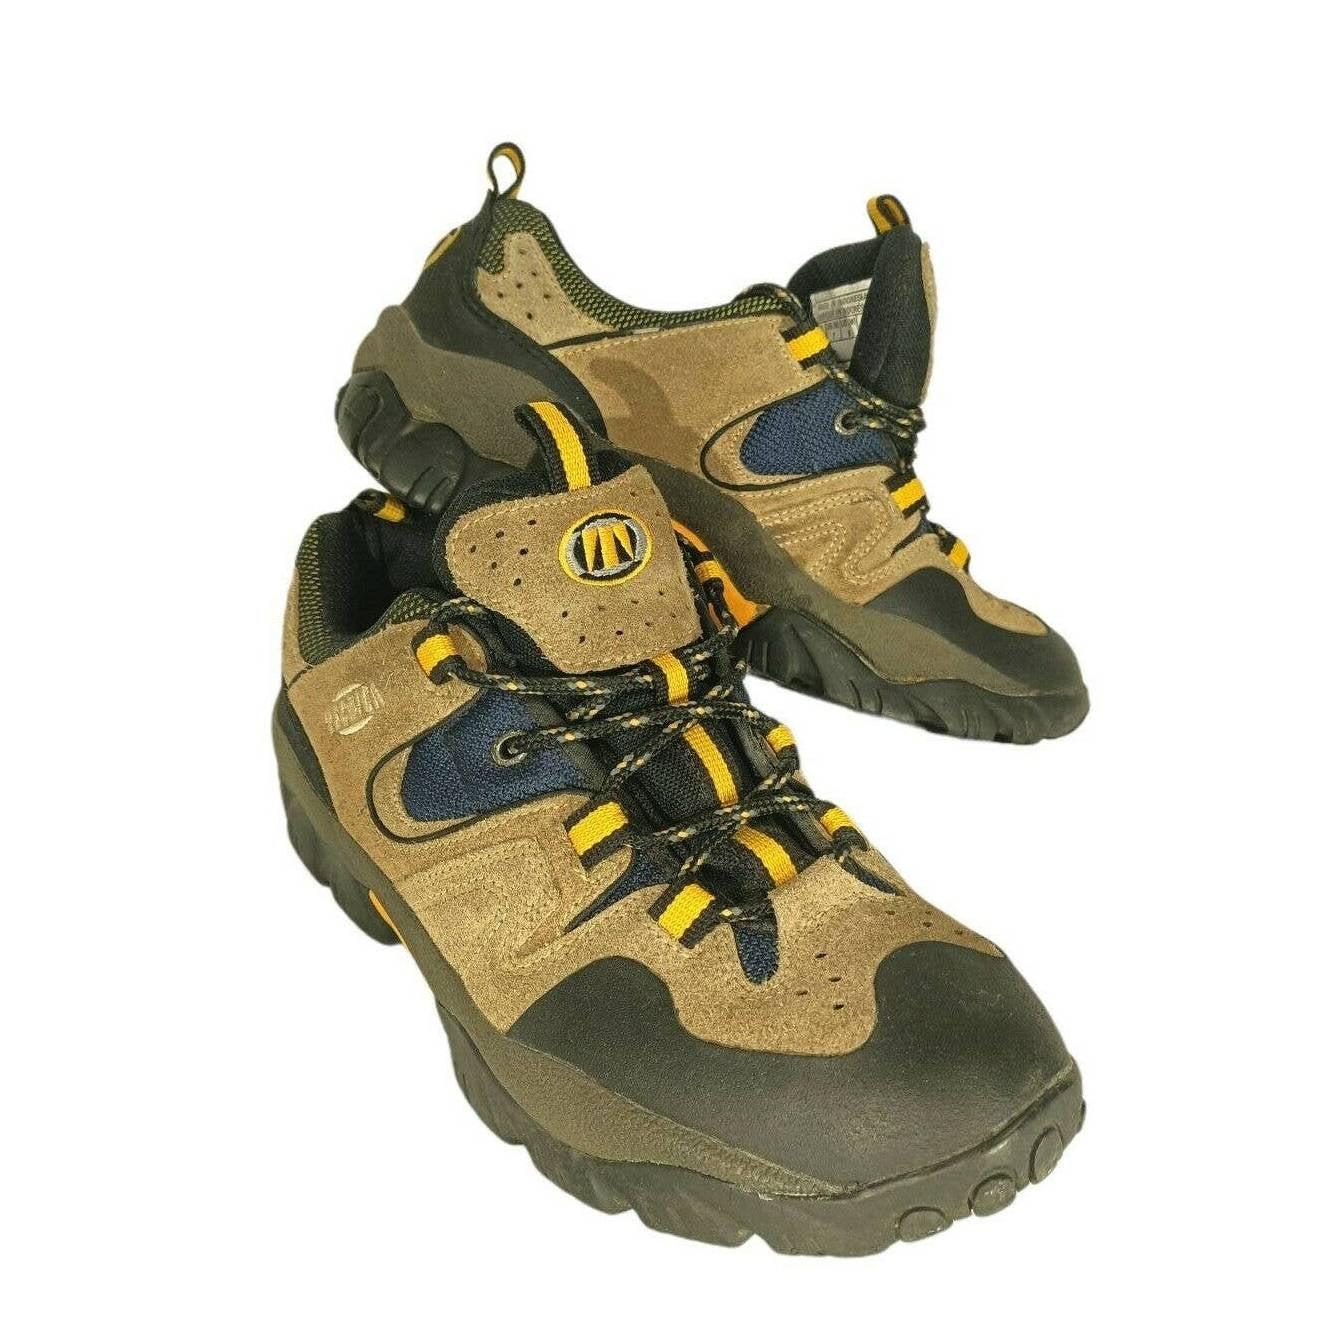 Tecnica Brown Hiking Shoes Women's Sz 8